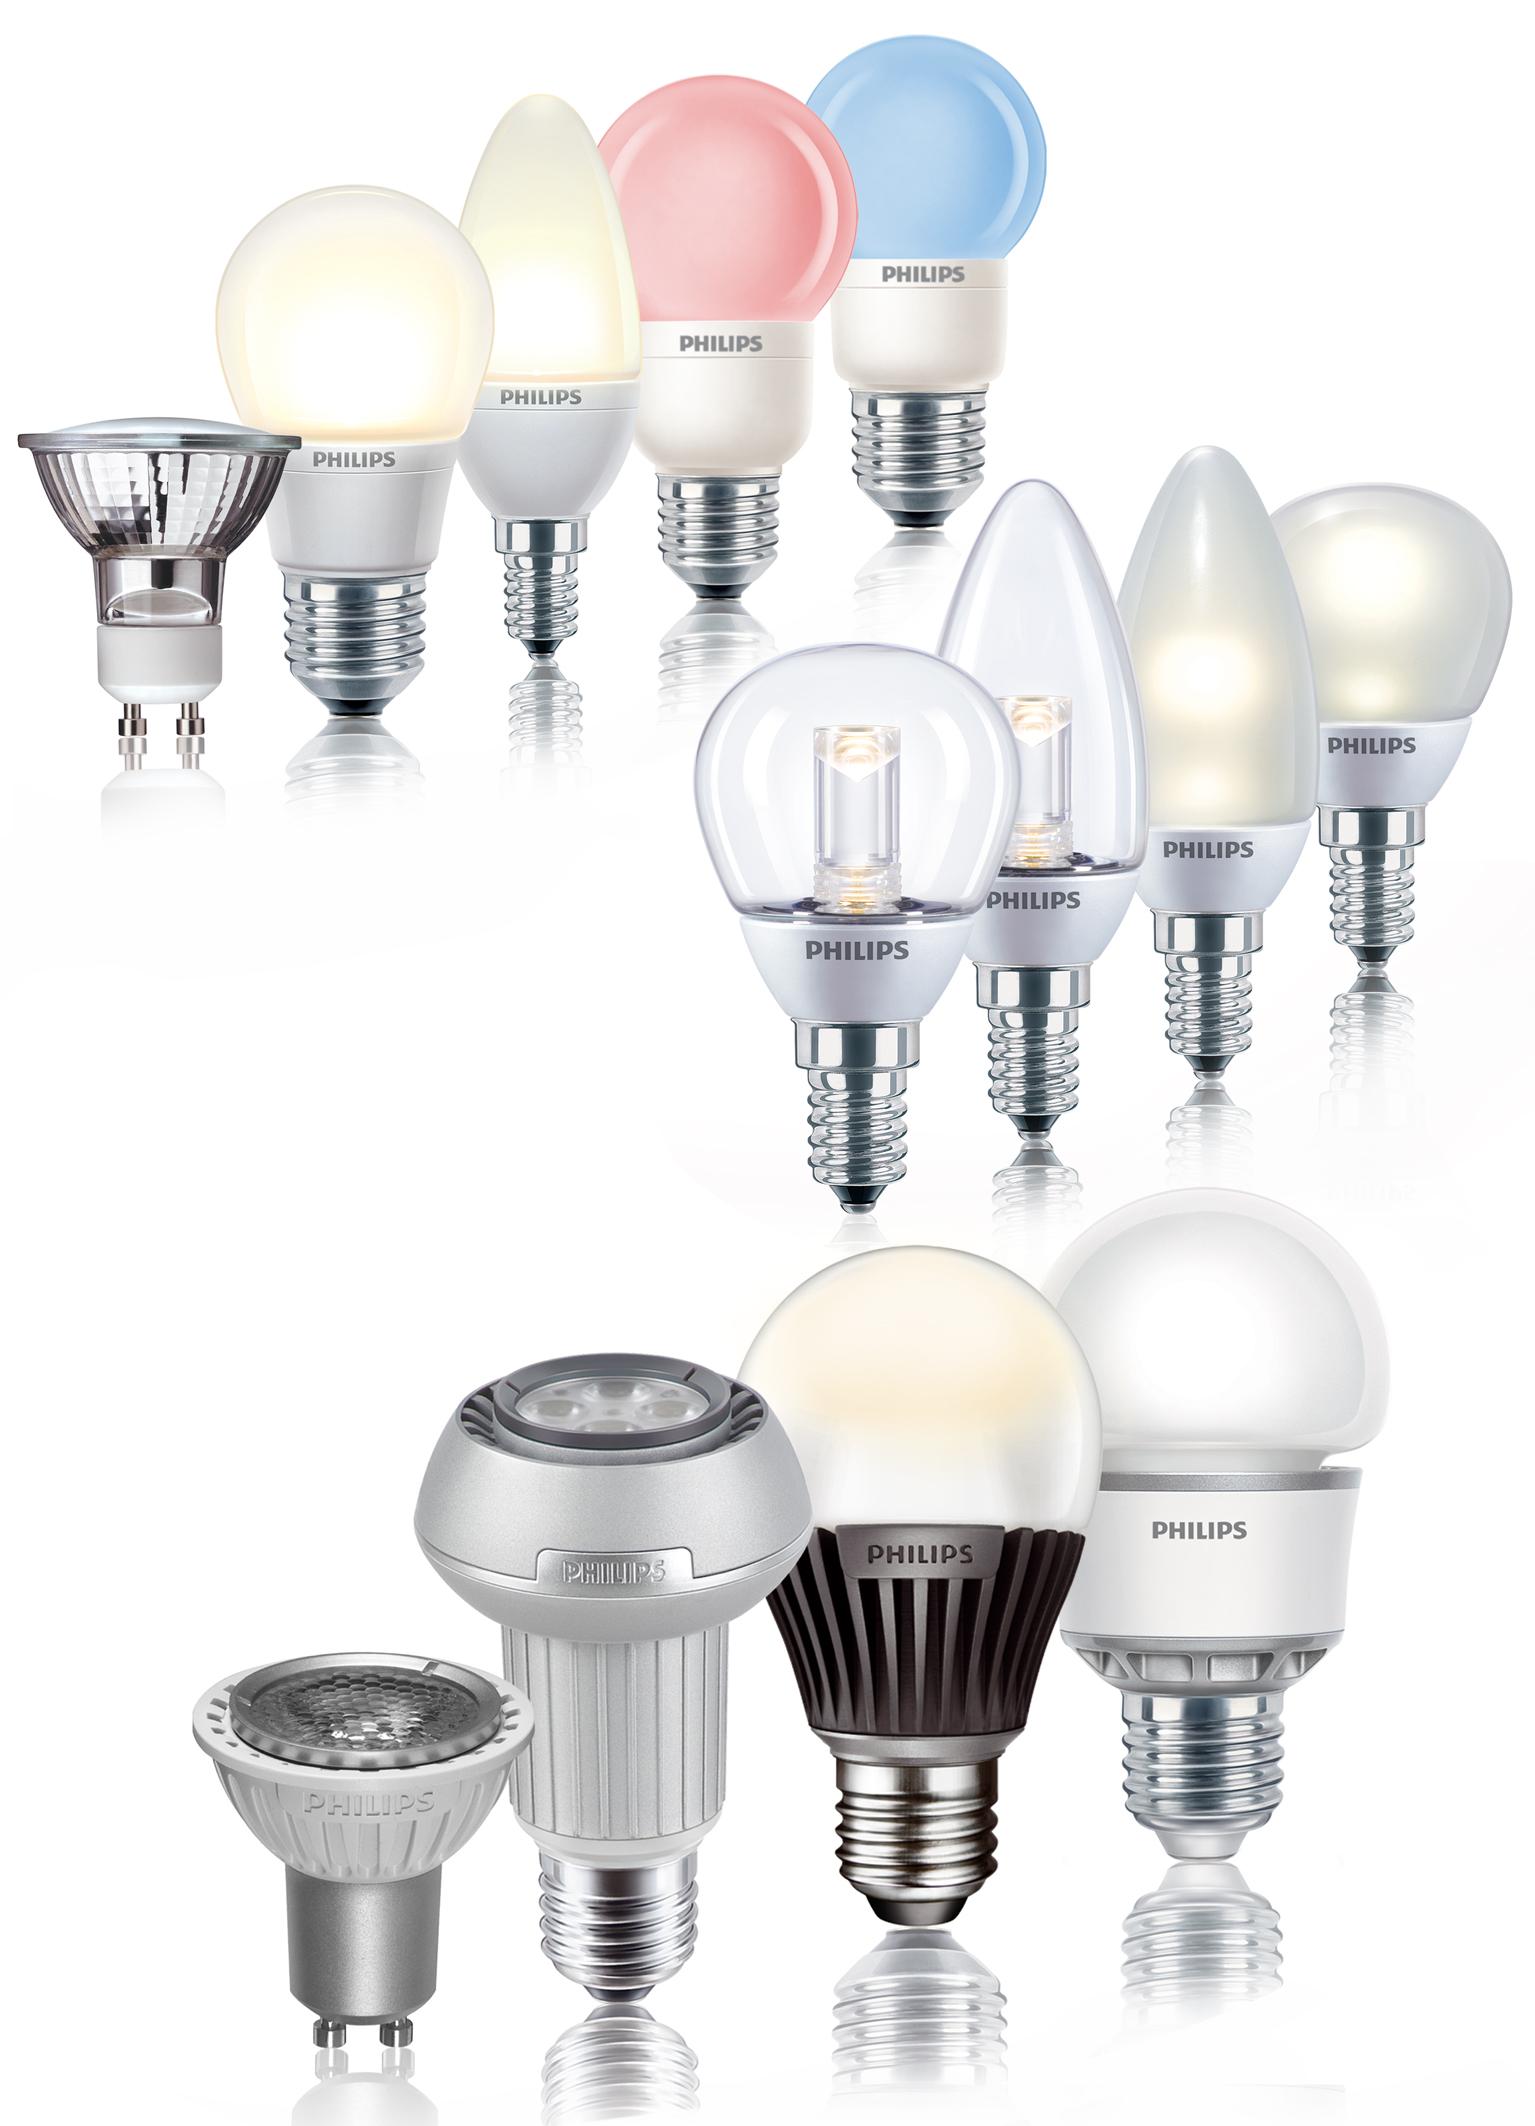 abschied von der gl hlampe leicht gemacht komplettes angebot an led lampen zur. Black Bedroom Furniture Sets. Home Design Ideas